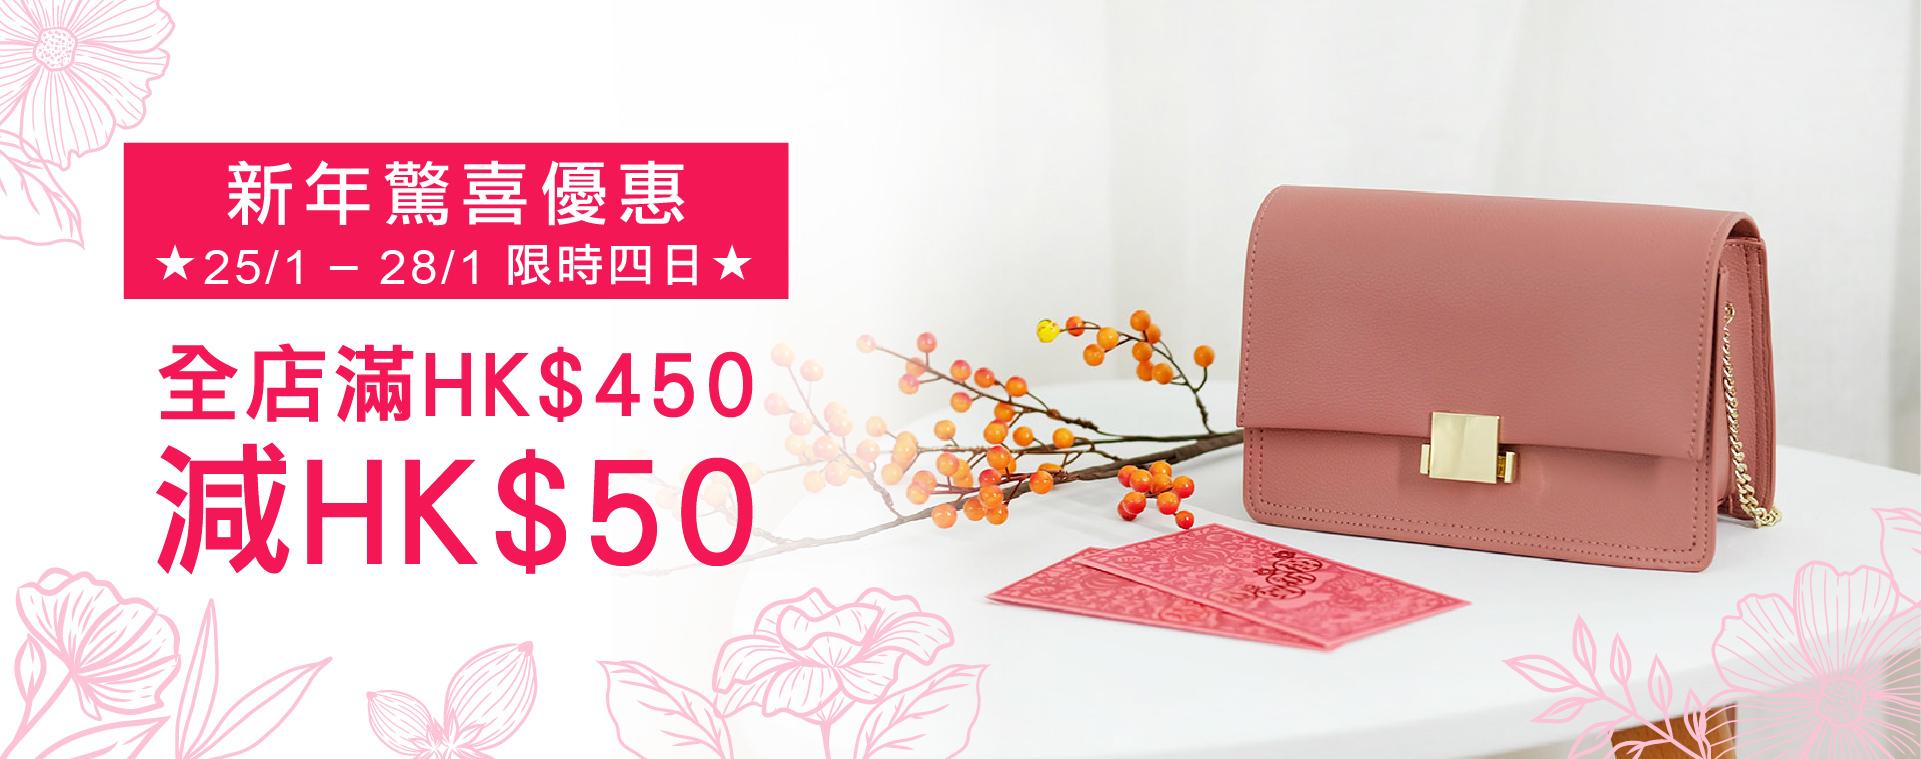 新年限時優惠, Flash Sale, Limited Sale, Big Sale, New Year Surprise Offer